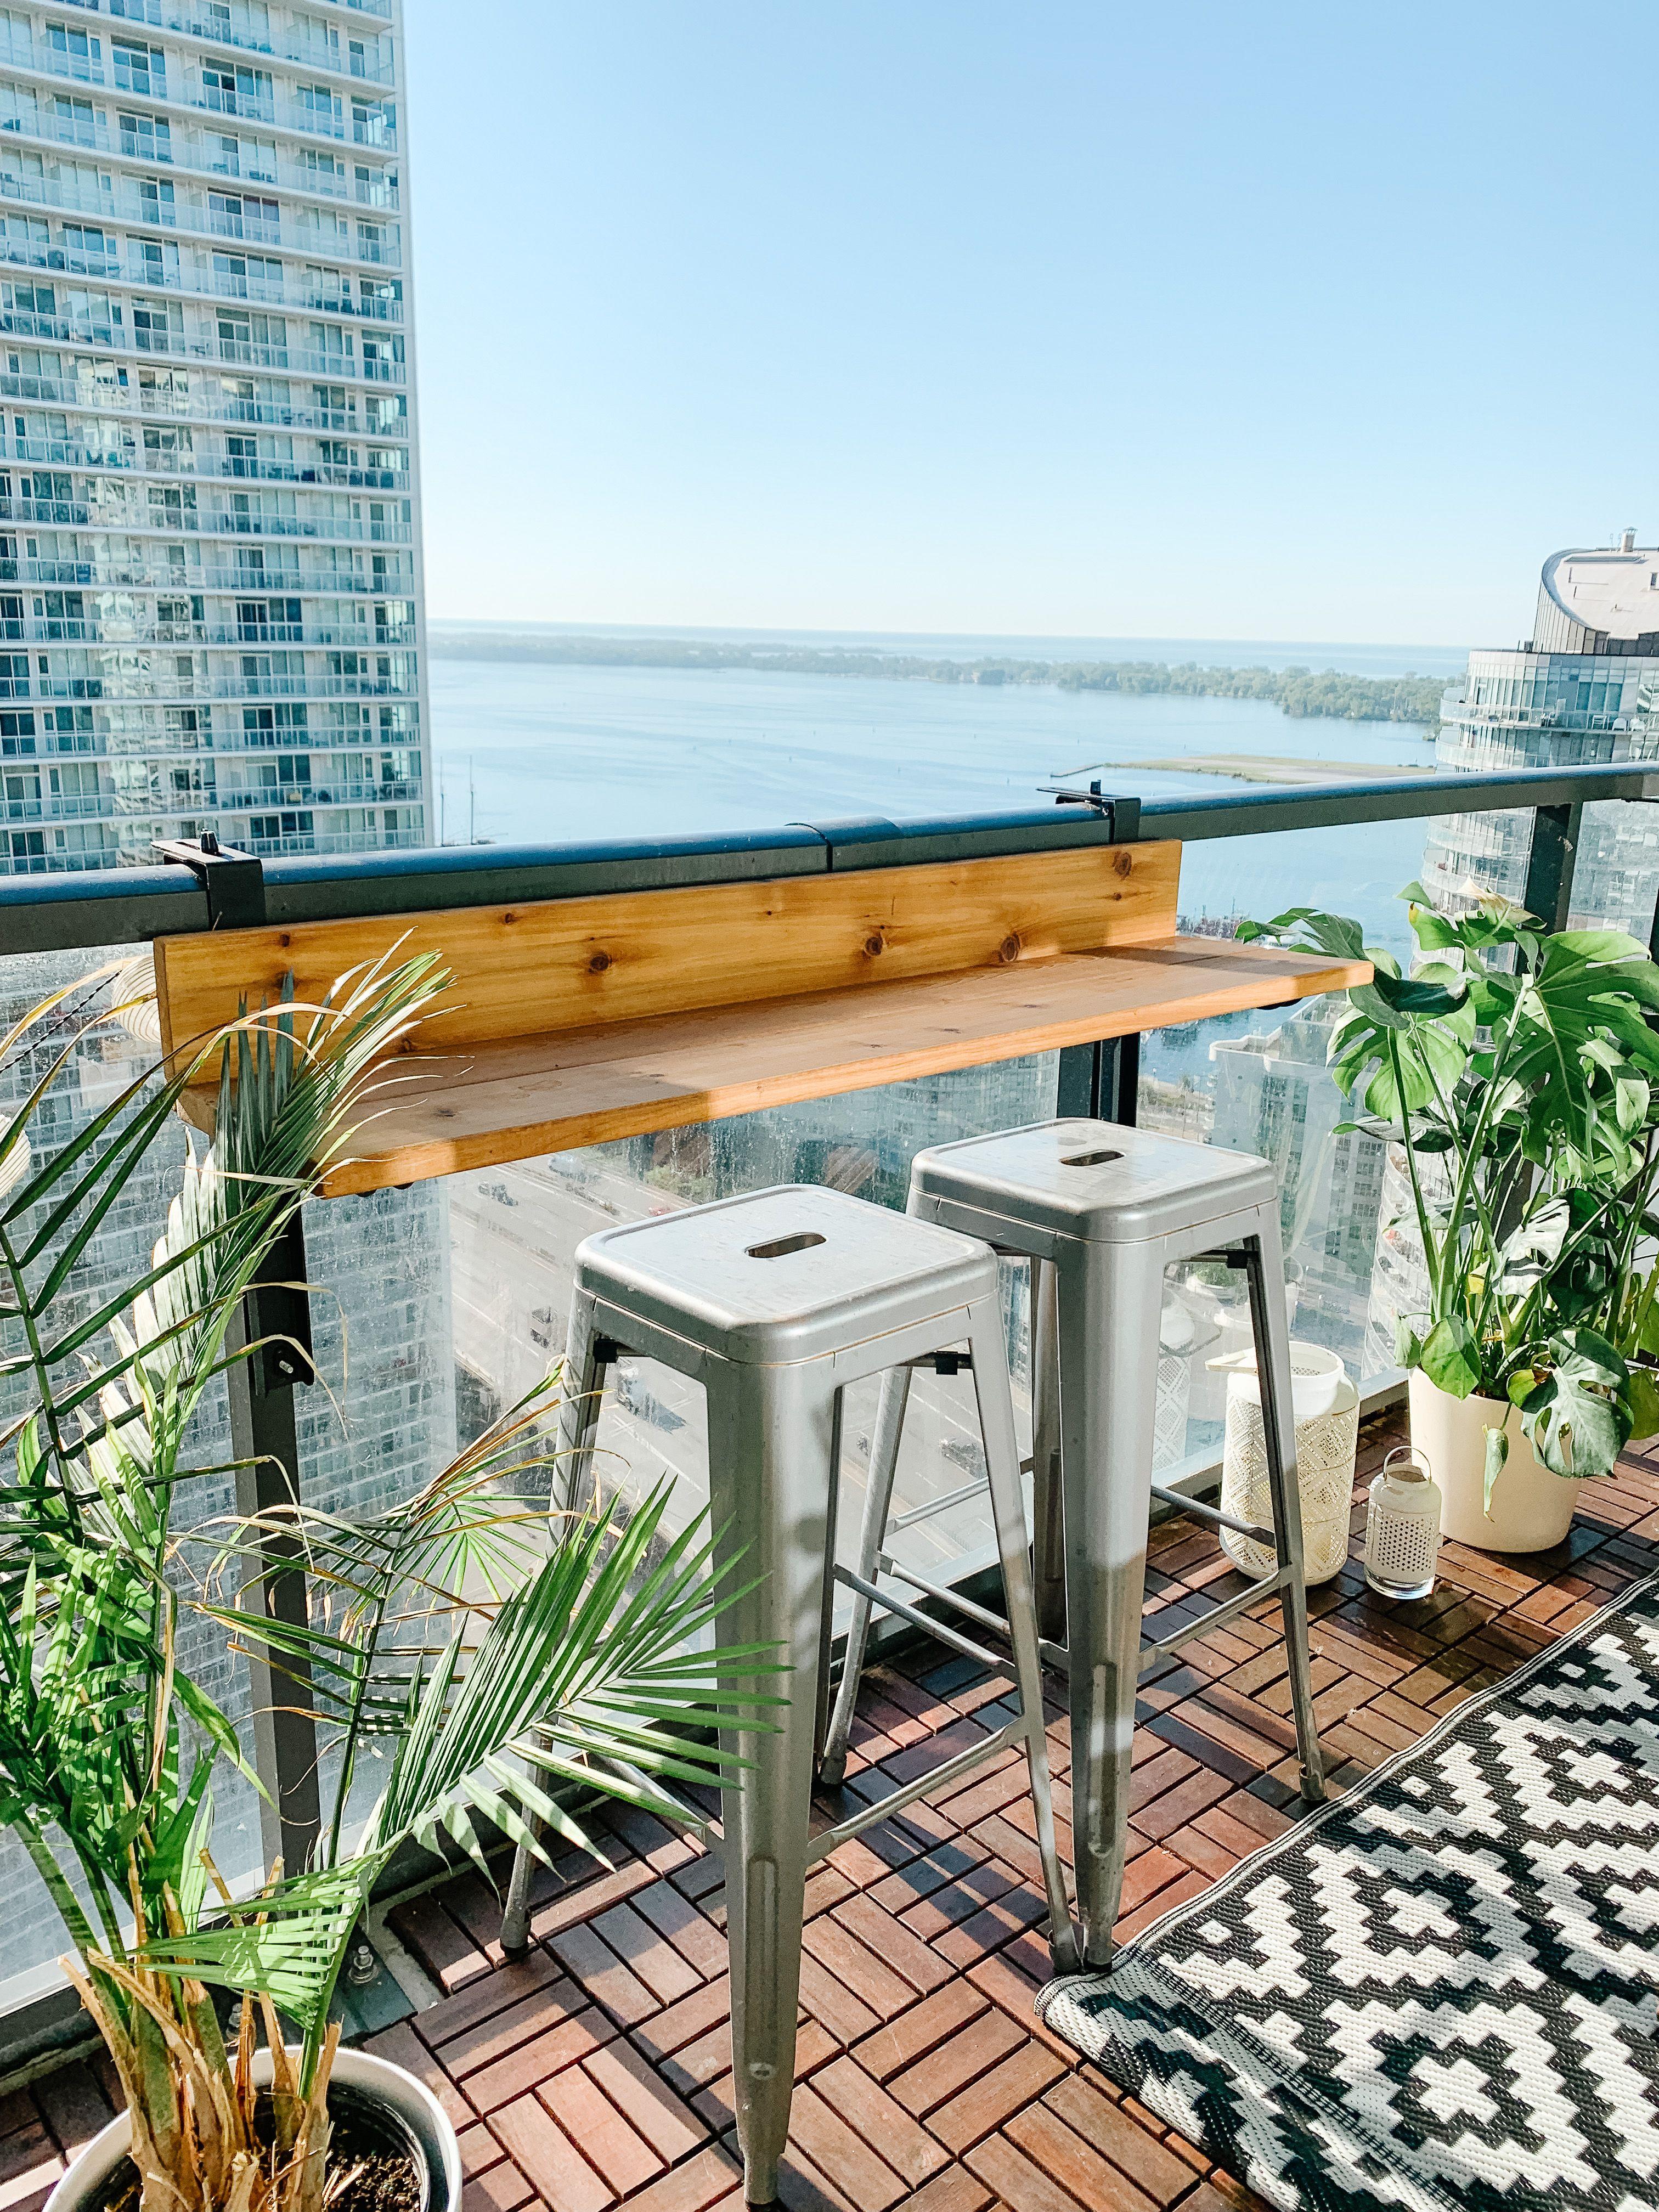 Views Balcony Bar in 14  Balcony bar, Condo decorating, Balcony